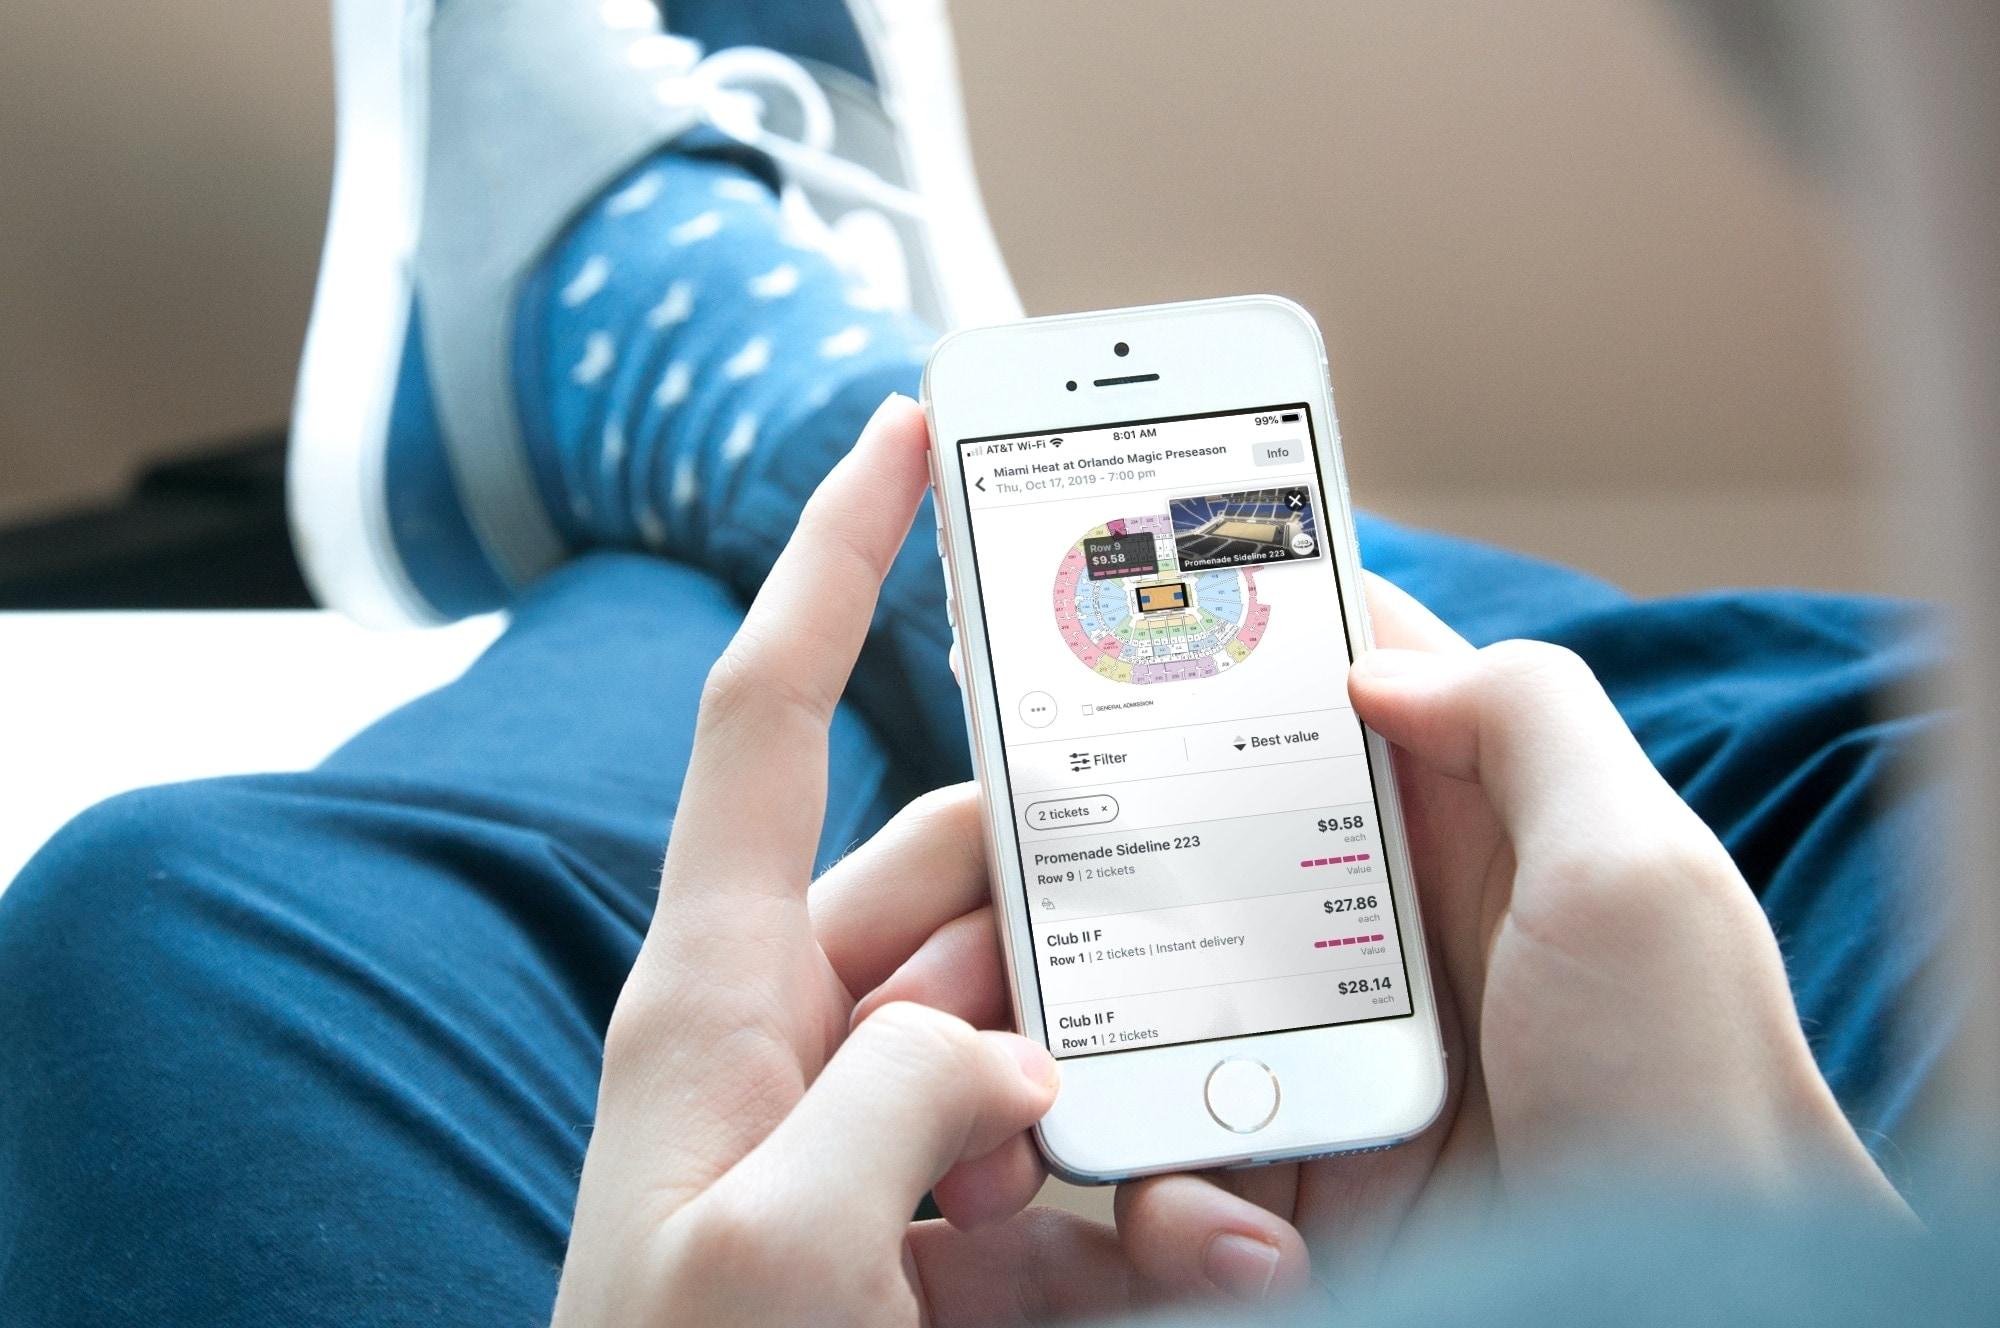 Las mejores aplicaciones de entradas para eventos iPhone - StubHub